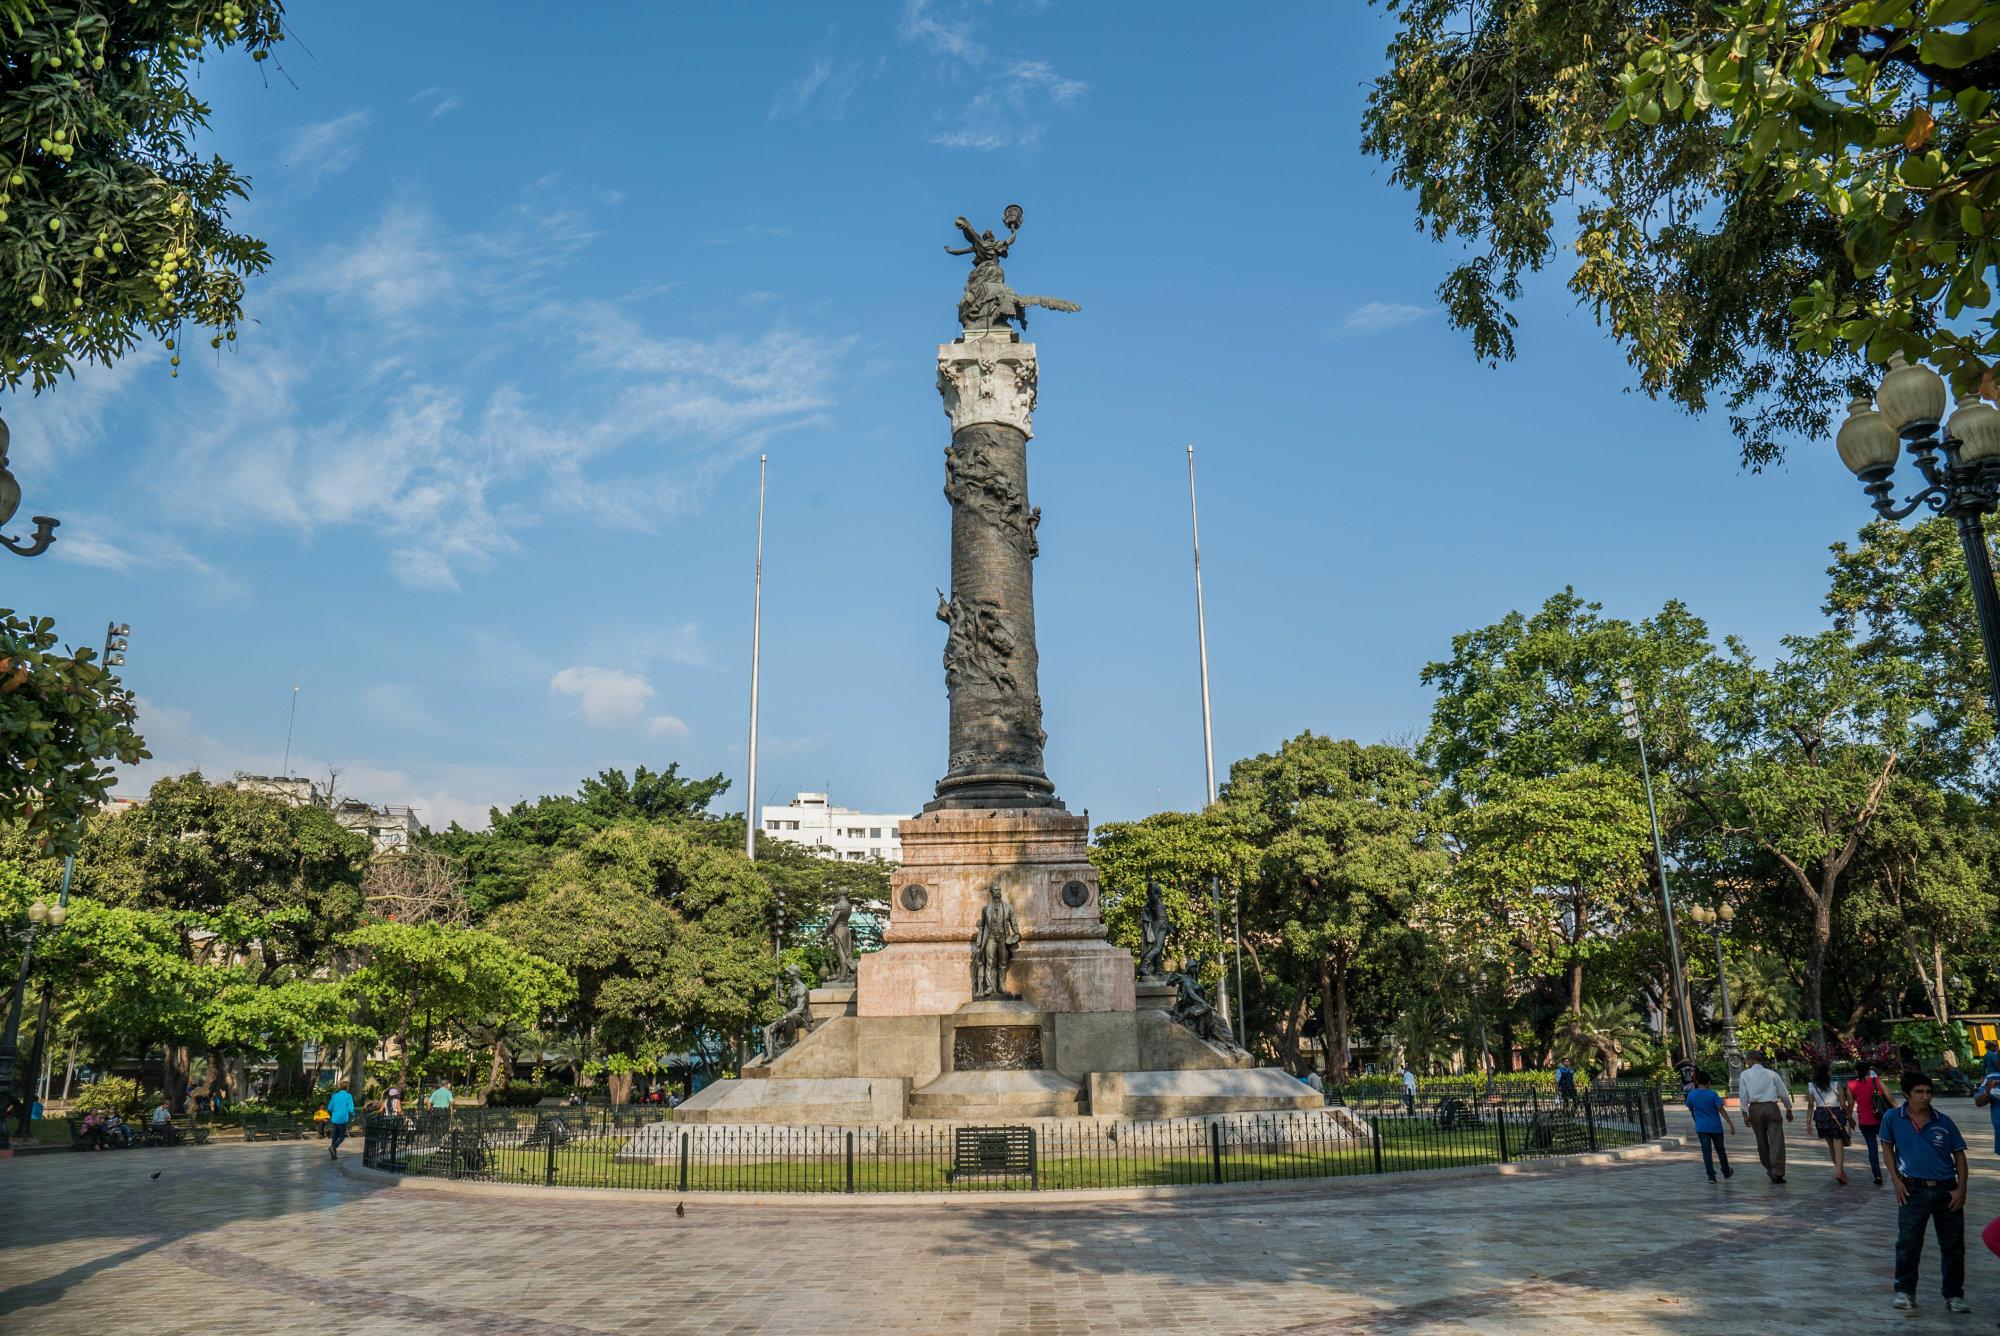 Otro lugar para conocer es la Plaza del Centenario, que fue inaugurada el 9 de Octubre de 1920, en honor a la conmemoración de los cien años de la independencia de esta ciudad ecuatoriana. Foto: The Editors - Shutterstock